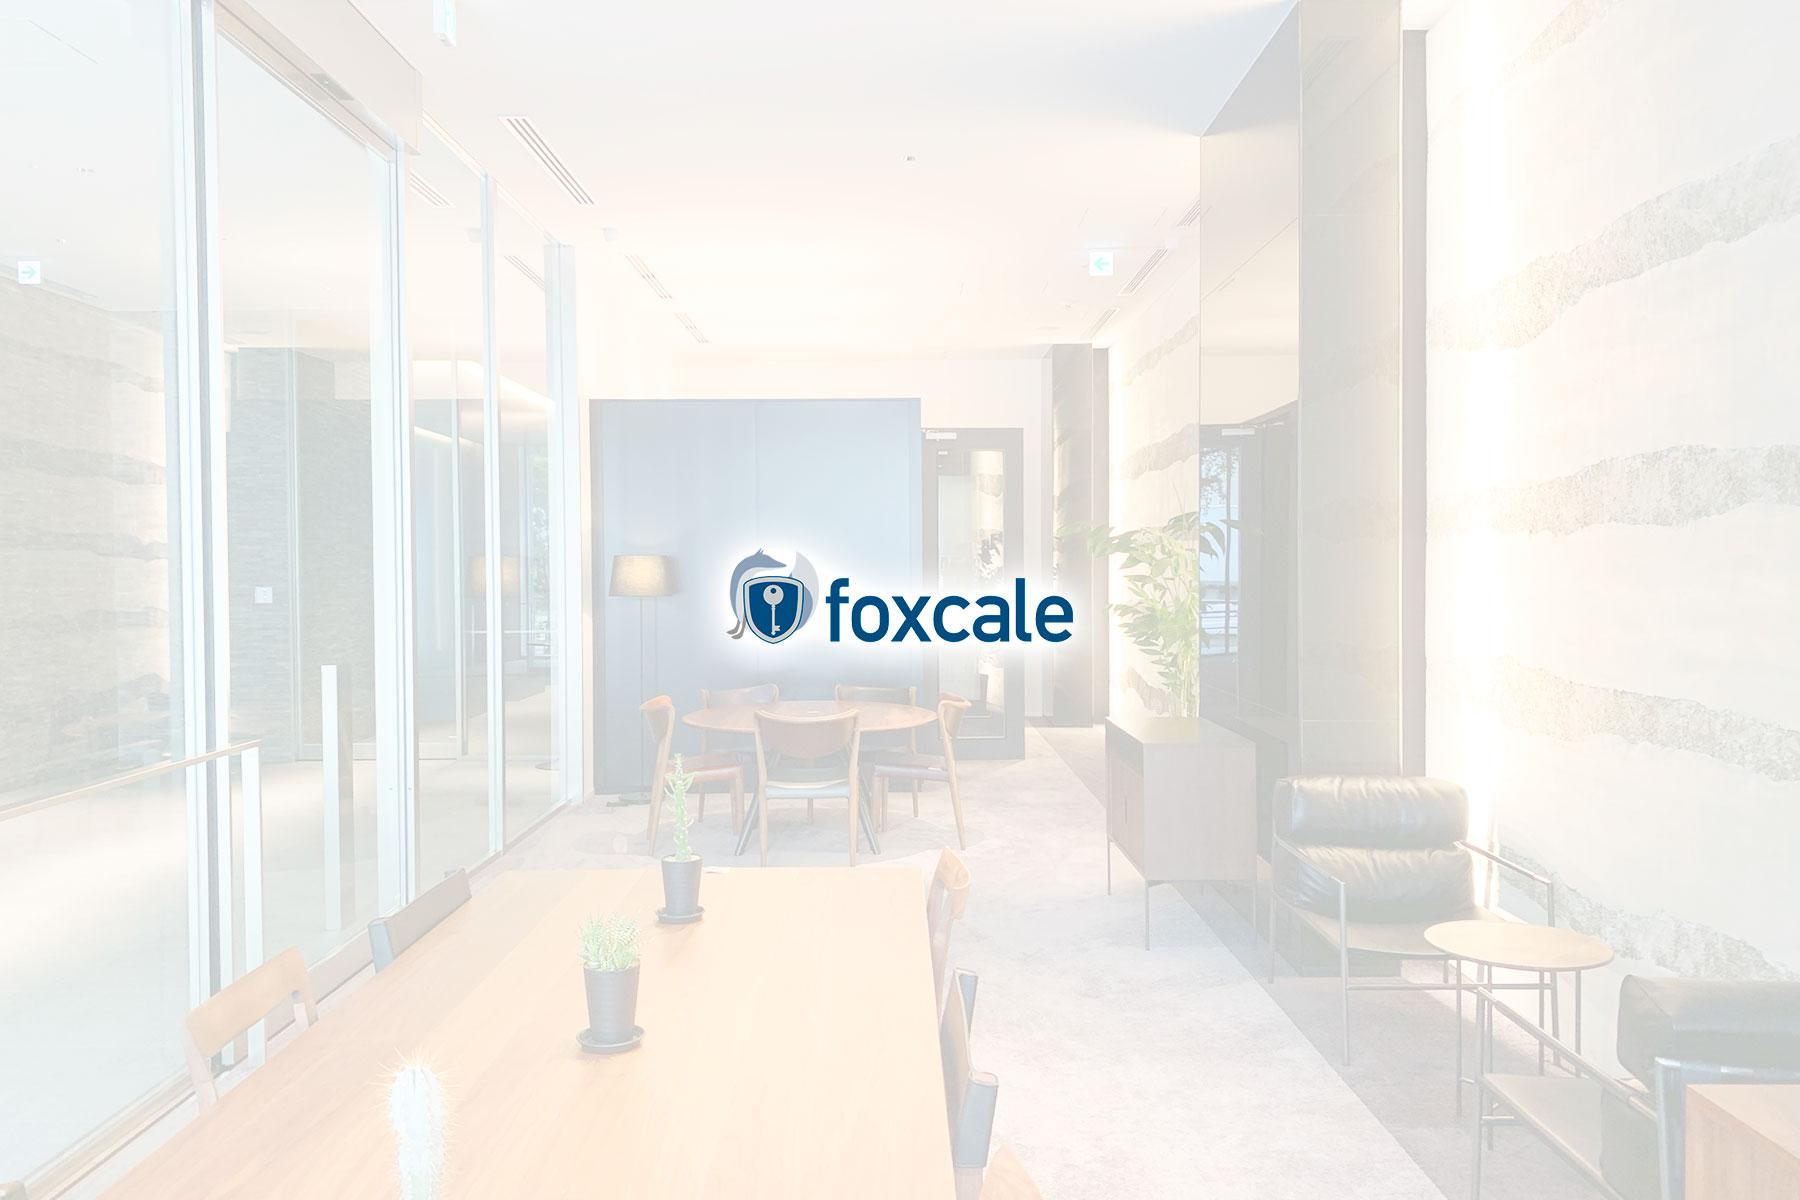 株式会社foxcaleのトップ画像